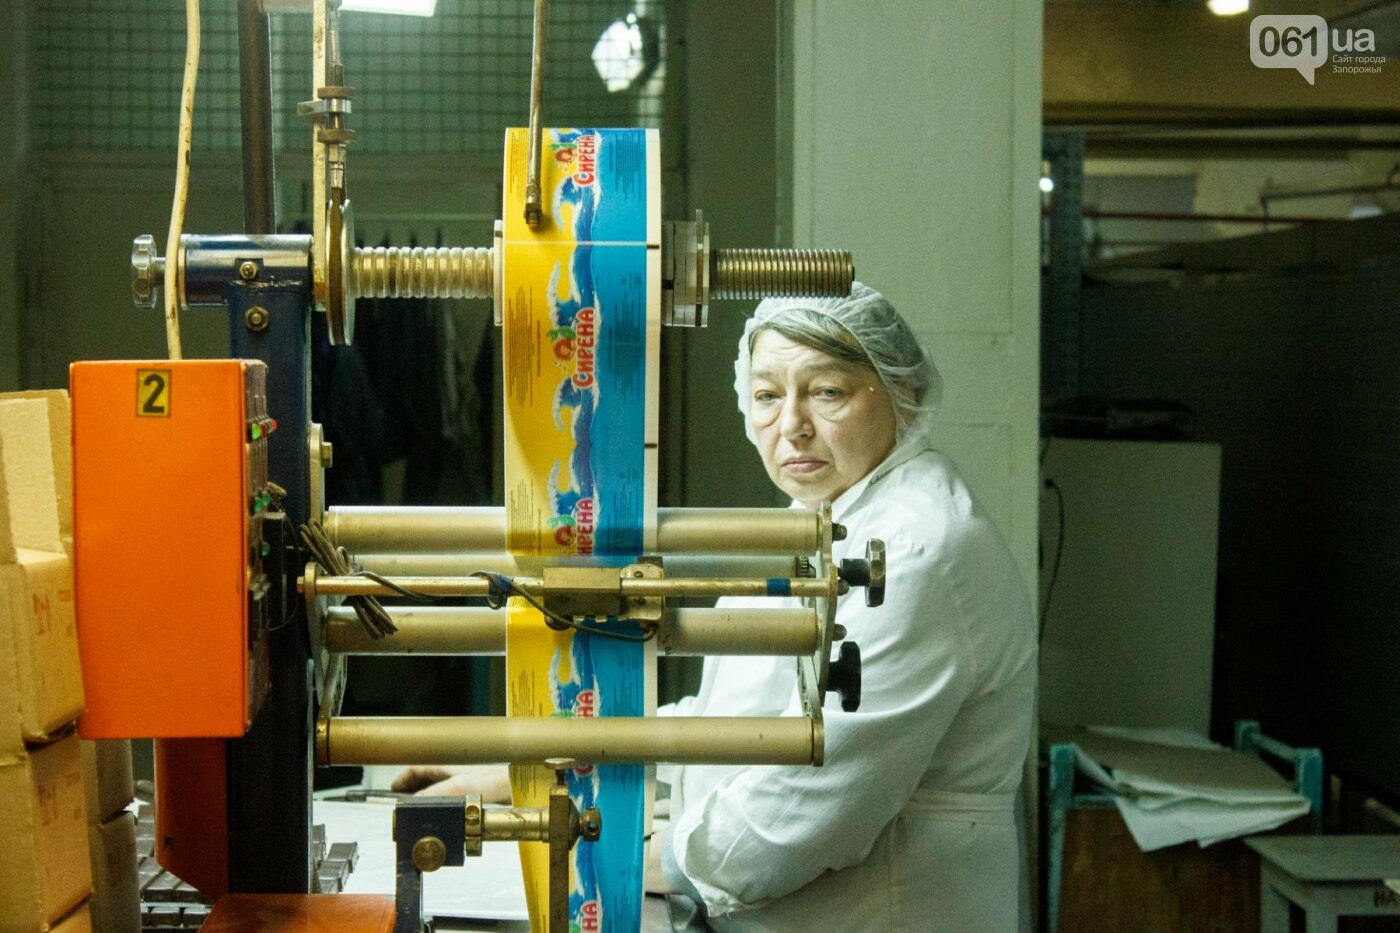 Как в Запорожье делают конфеты: экскурсия на кондитерскую фабрику, – ФОТОРЕПОРТАЖ, фото-13